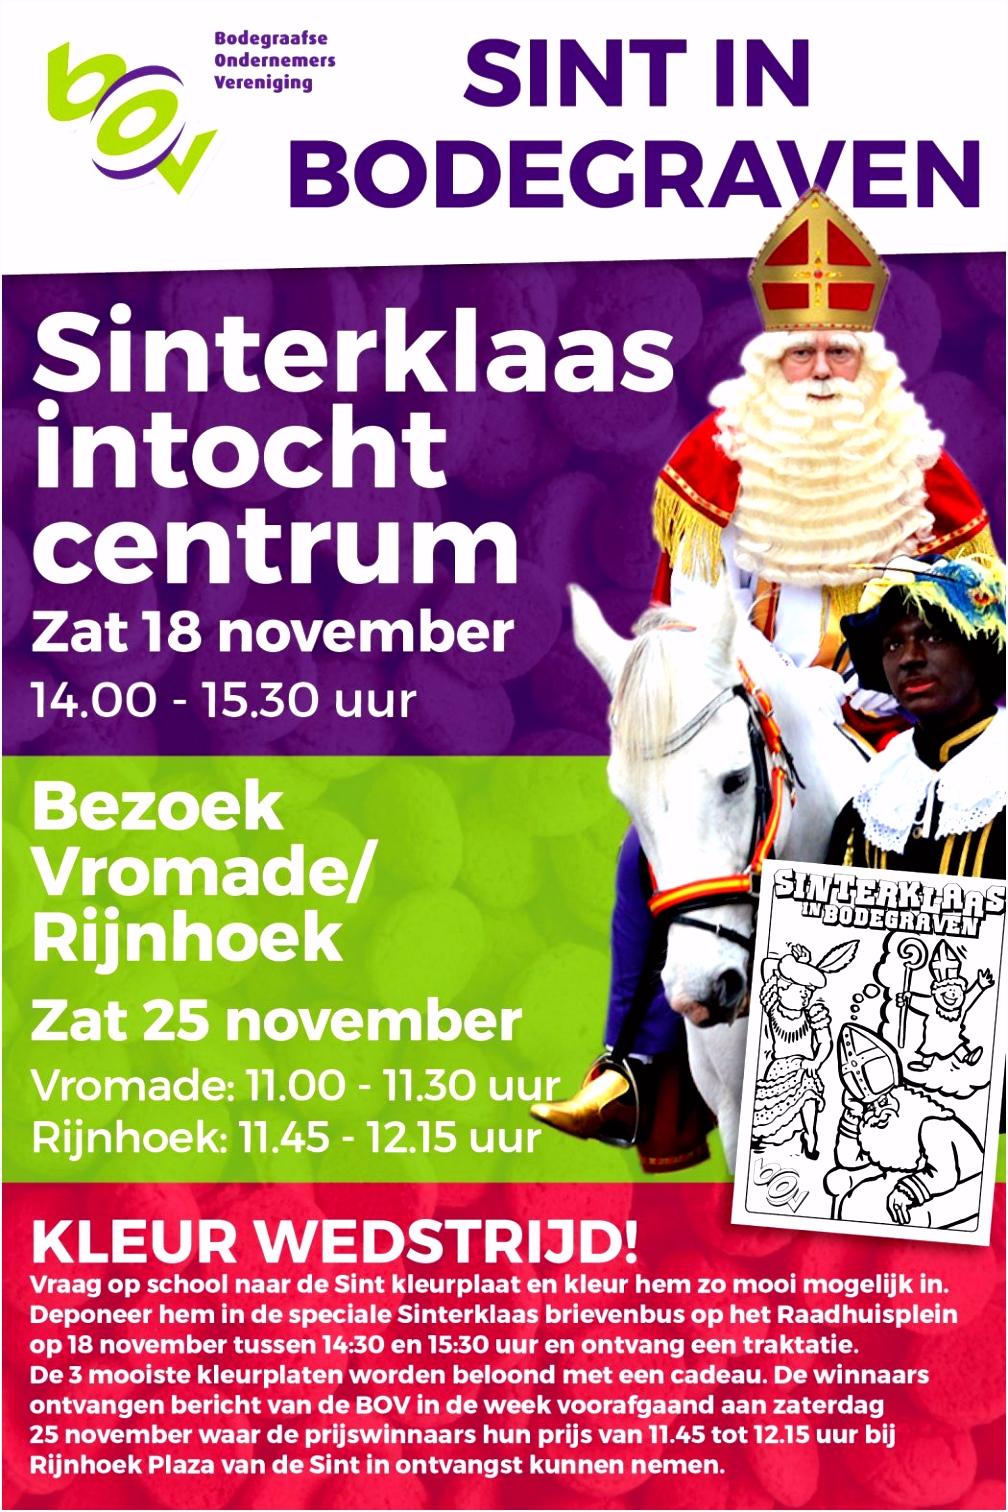 Sinterklaasintocht in Bodegraven